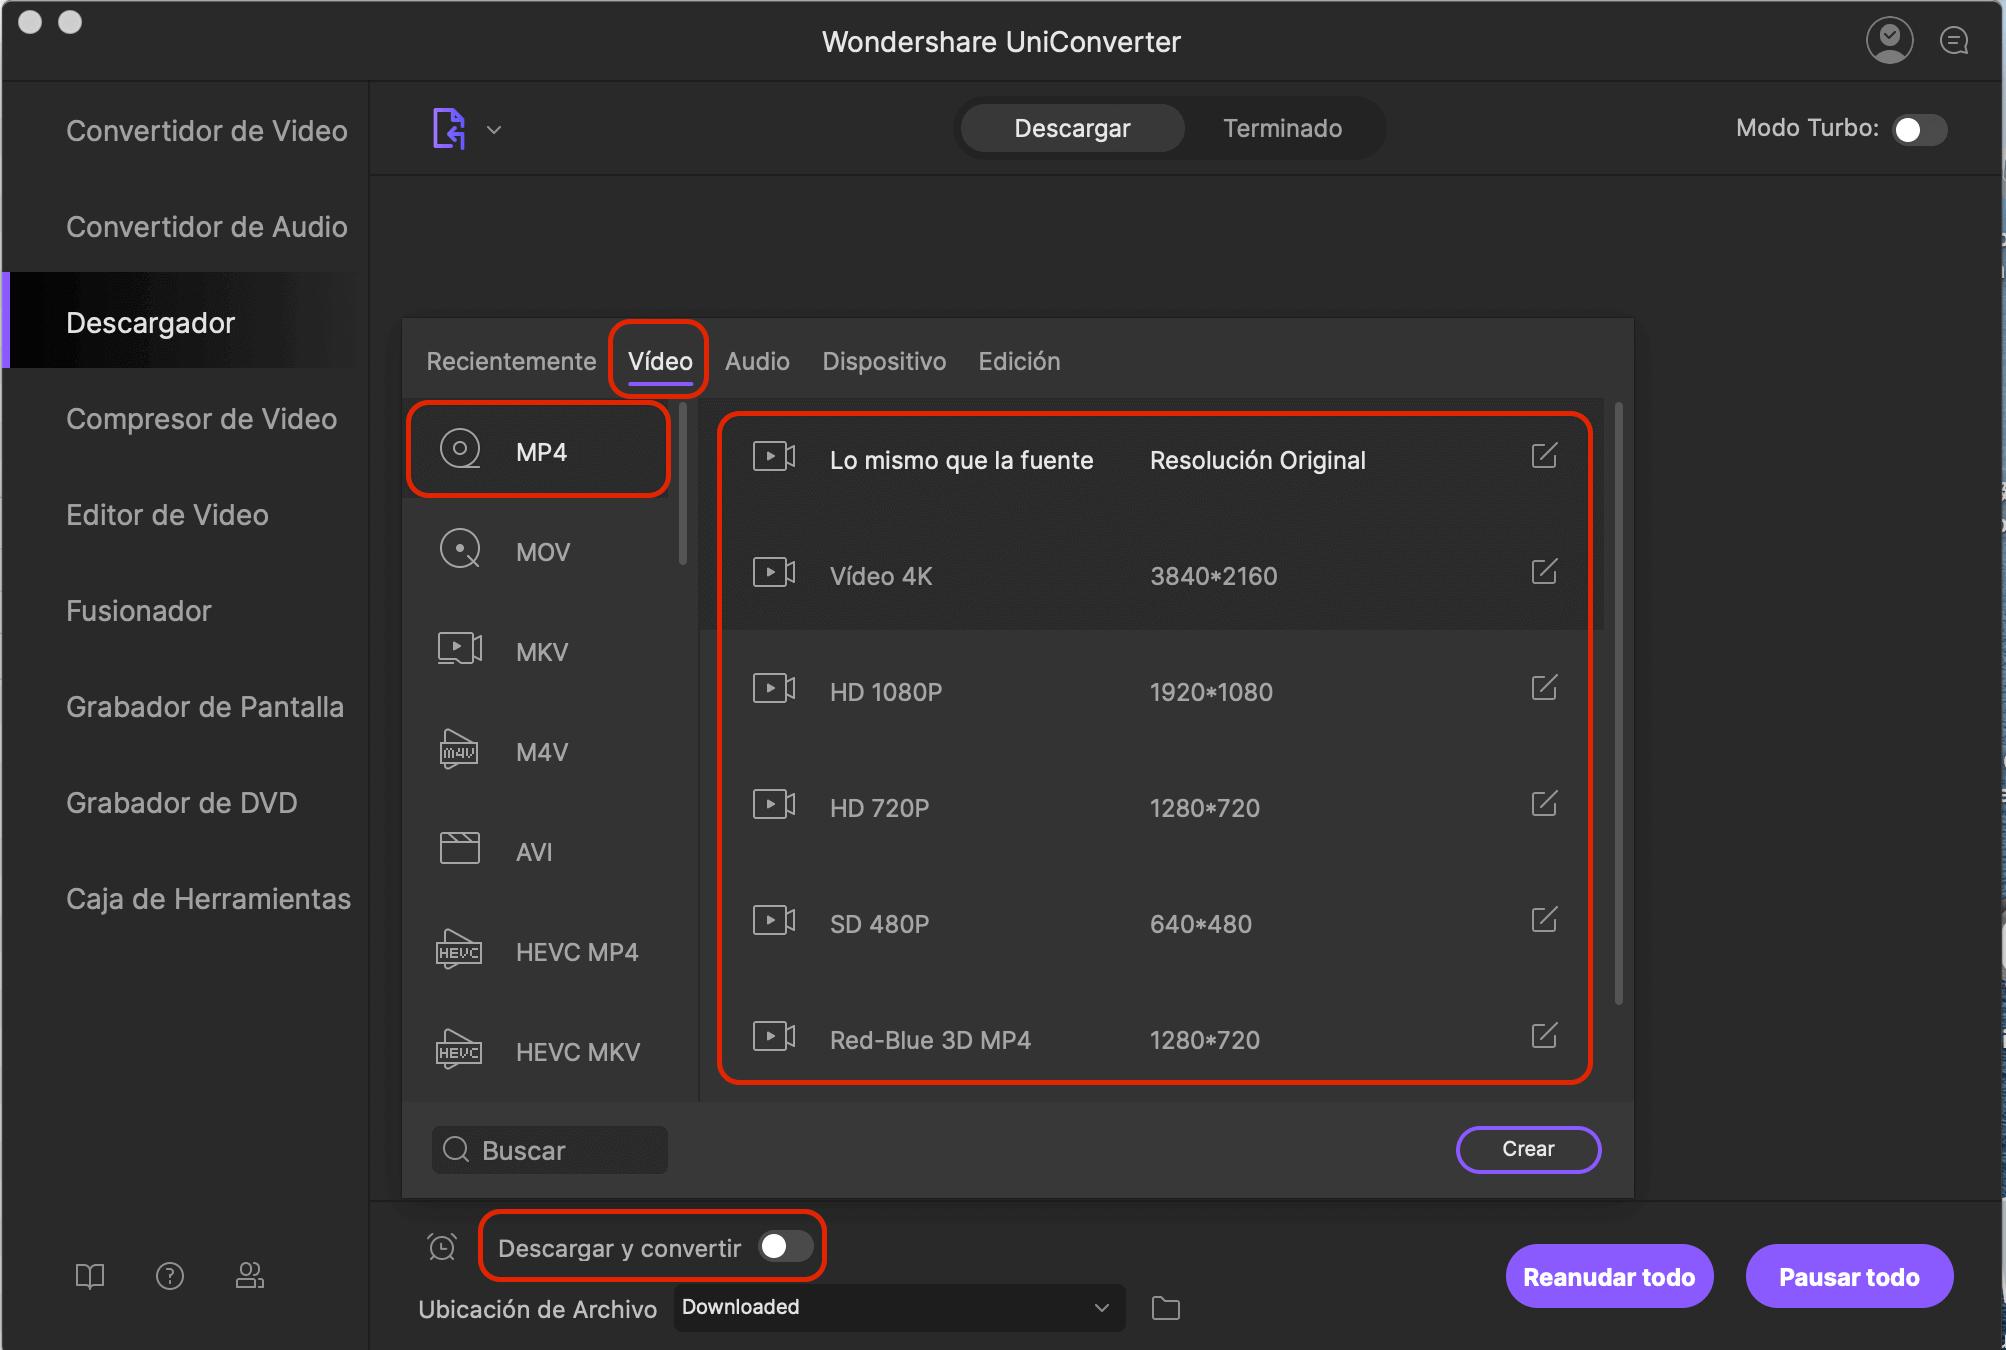 como descargar videos online usando imedia converter deluxe mac